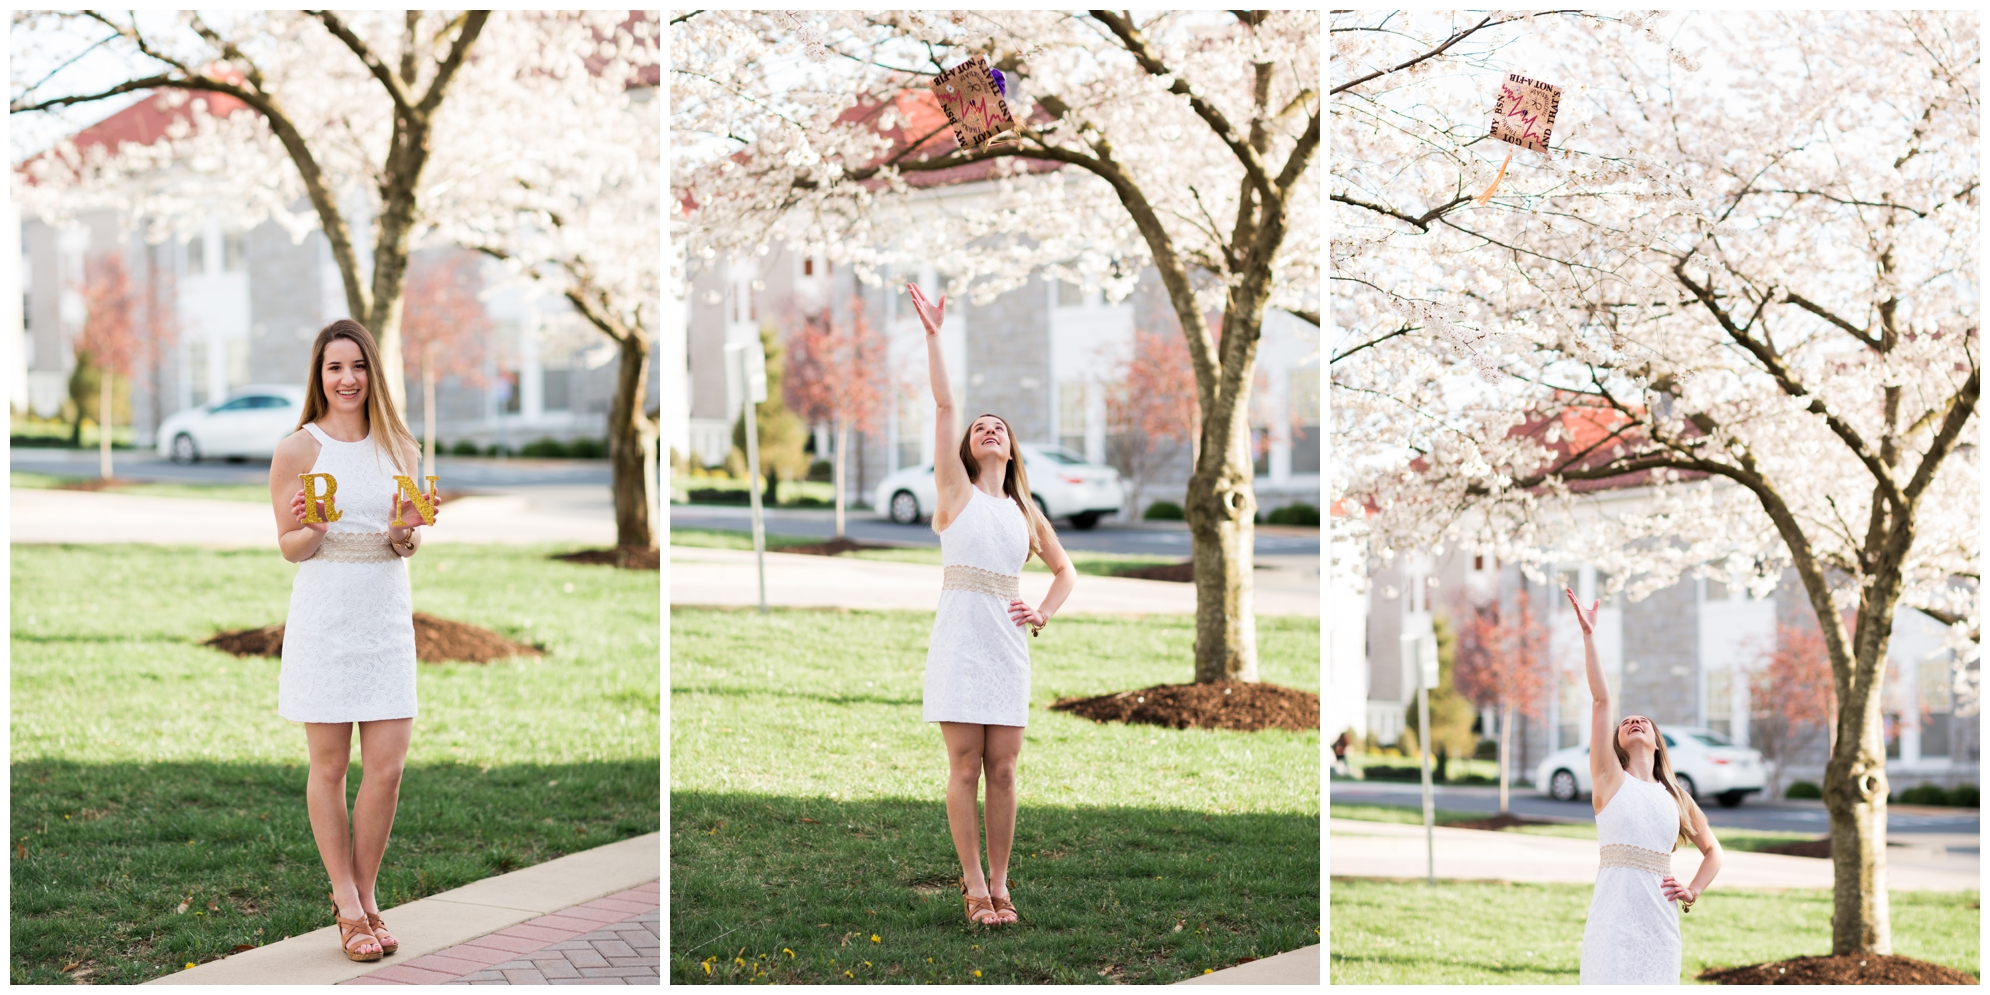 HannahJoyPhotography_0414.jpg